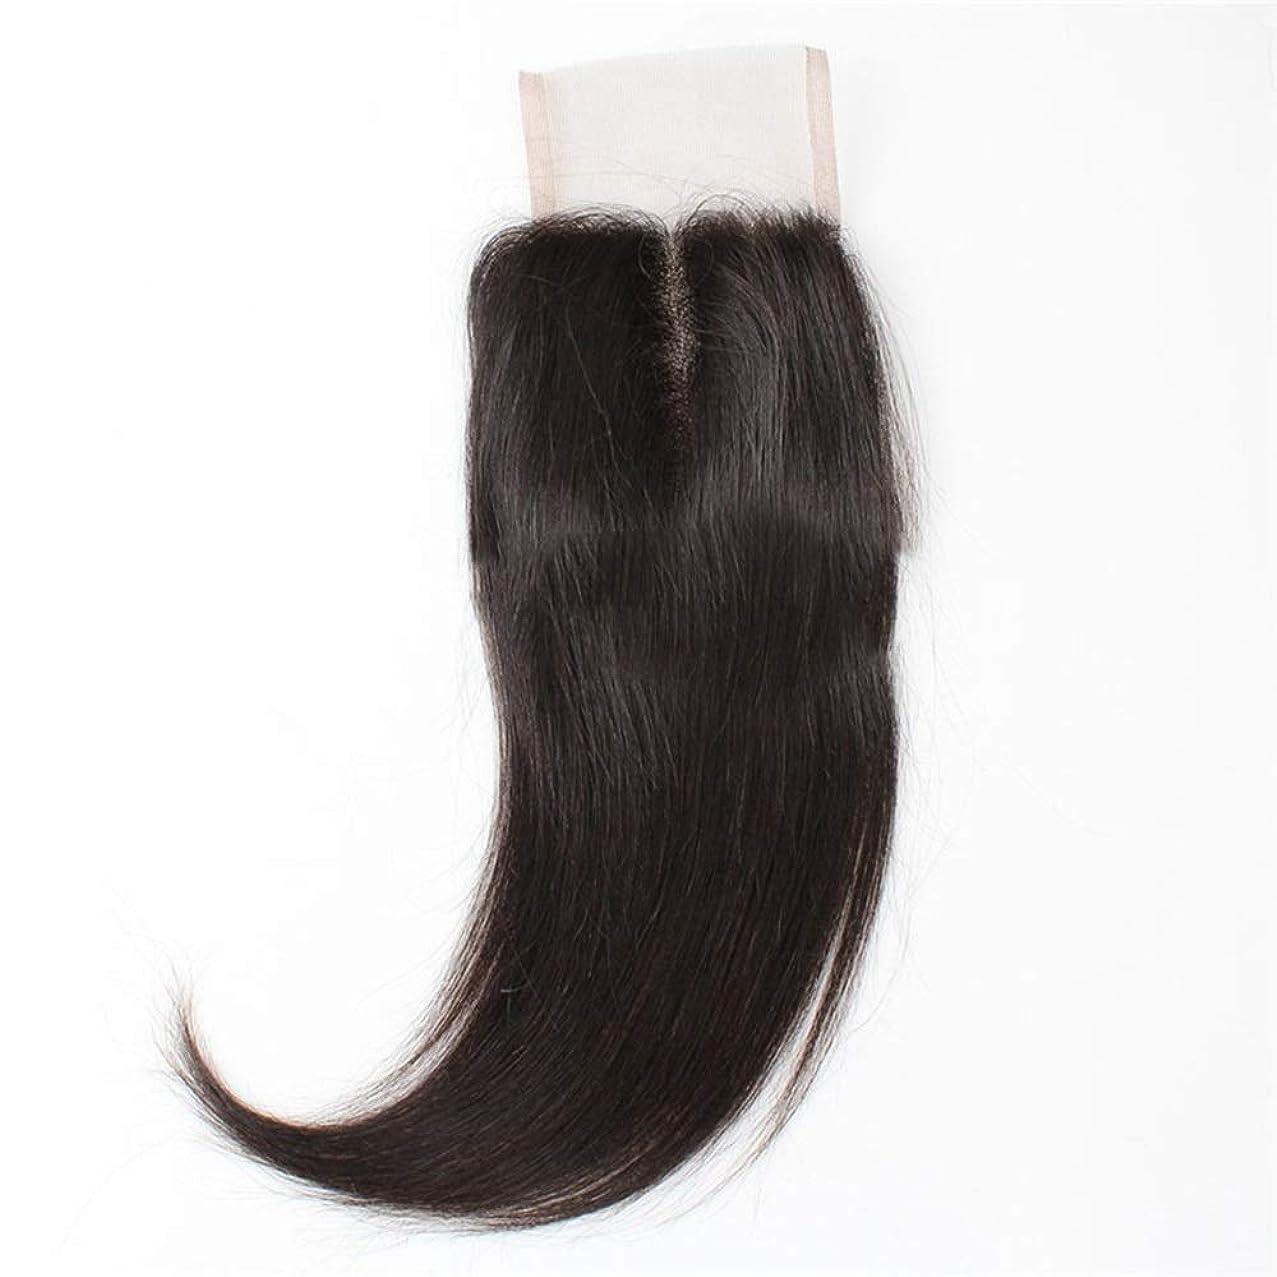 トークンほかに暗殺BOBIDYEE ブラジルの髪4×4フルレース前頭閉鎖9A未処理人間の髪の毛絹のようなストレートヘアミドルパートナチュラルブラック複合毛レースのかつらロールプレイングかつらロングとショートの女性自然 (色 : 黒, サイズ : 16 inch)